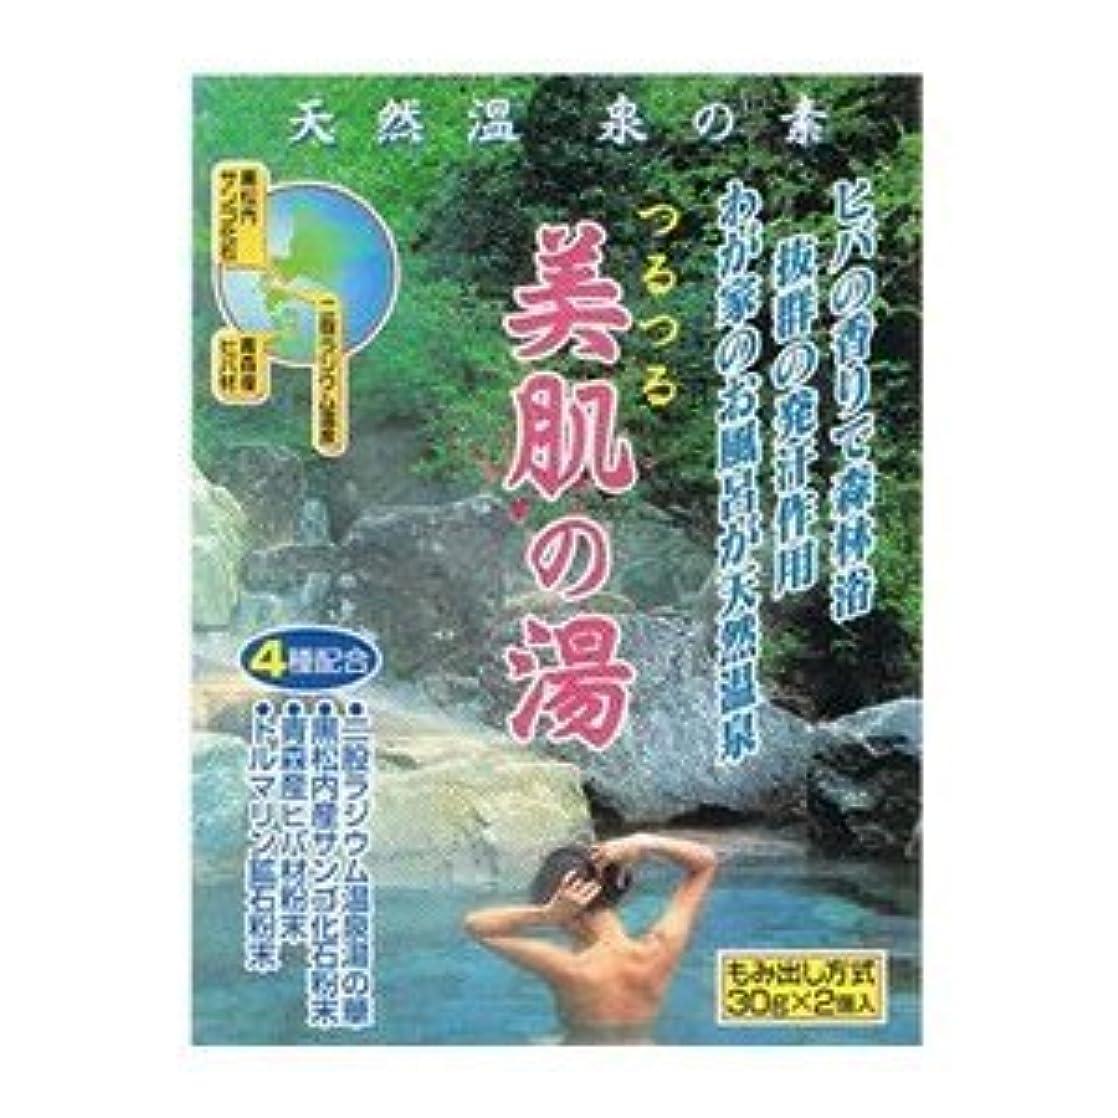 進むミシン古い天然温泉の素 美肌の湯 (30g×2個入)×18袋セット